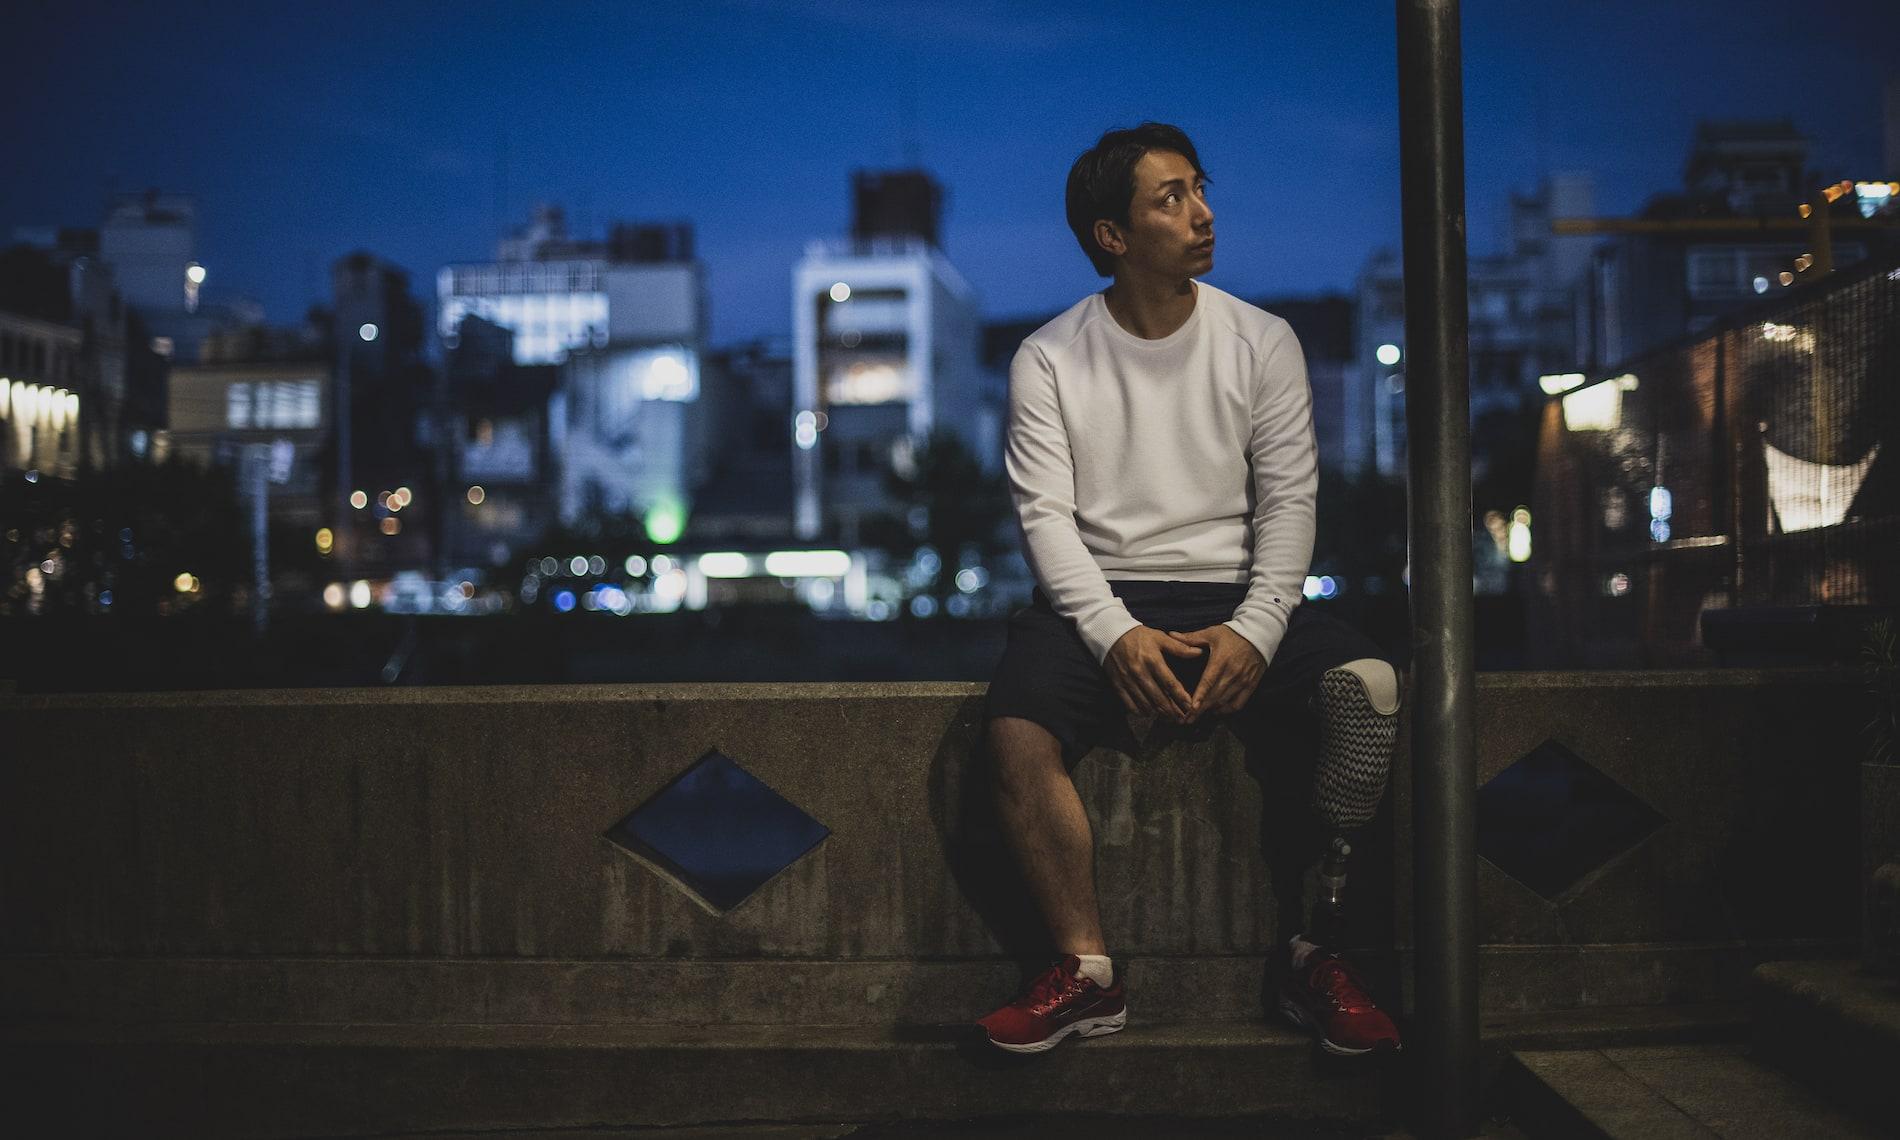 加納慎太郎選手